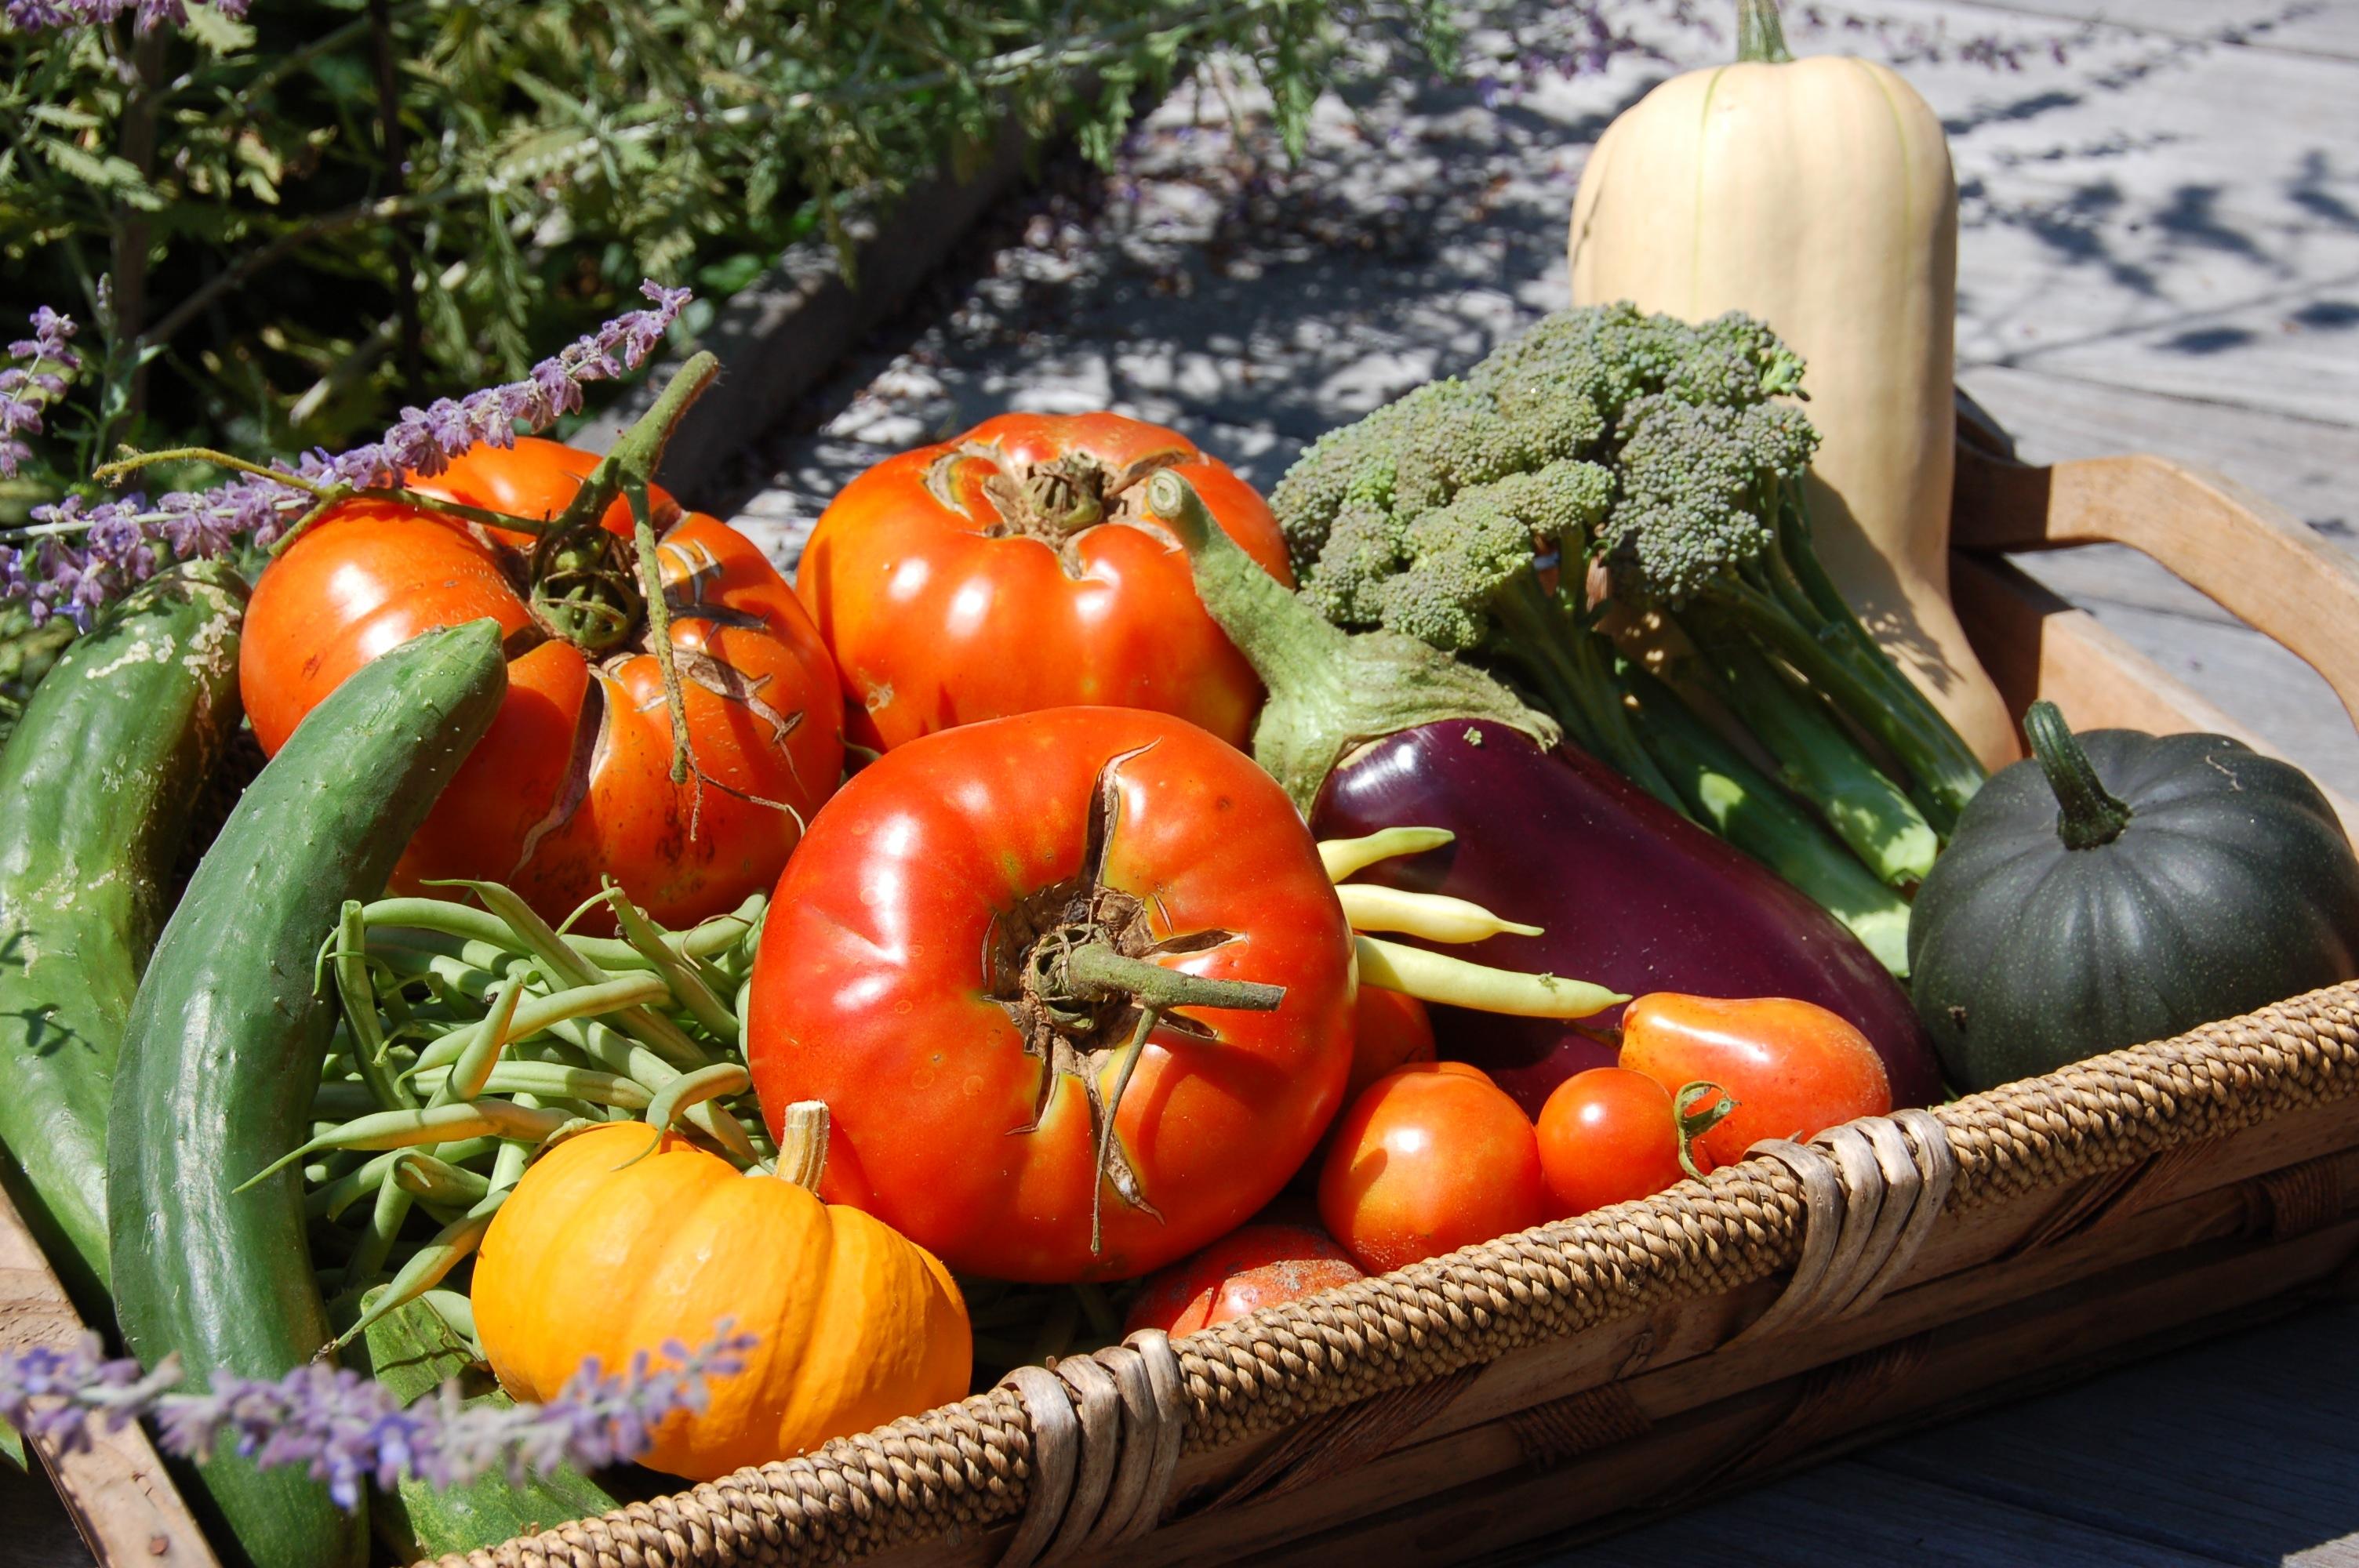 Garden in august in a garden - Categories August Garden Vegetable Gardens Vegetables Tags Broccoli Squash Summer Tomatos Permalink